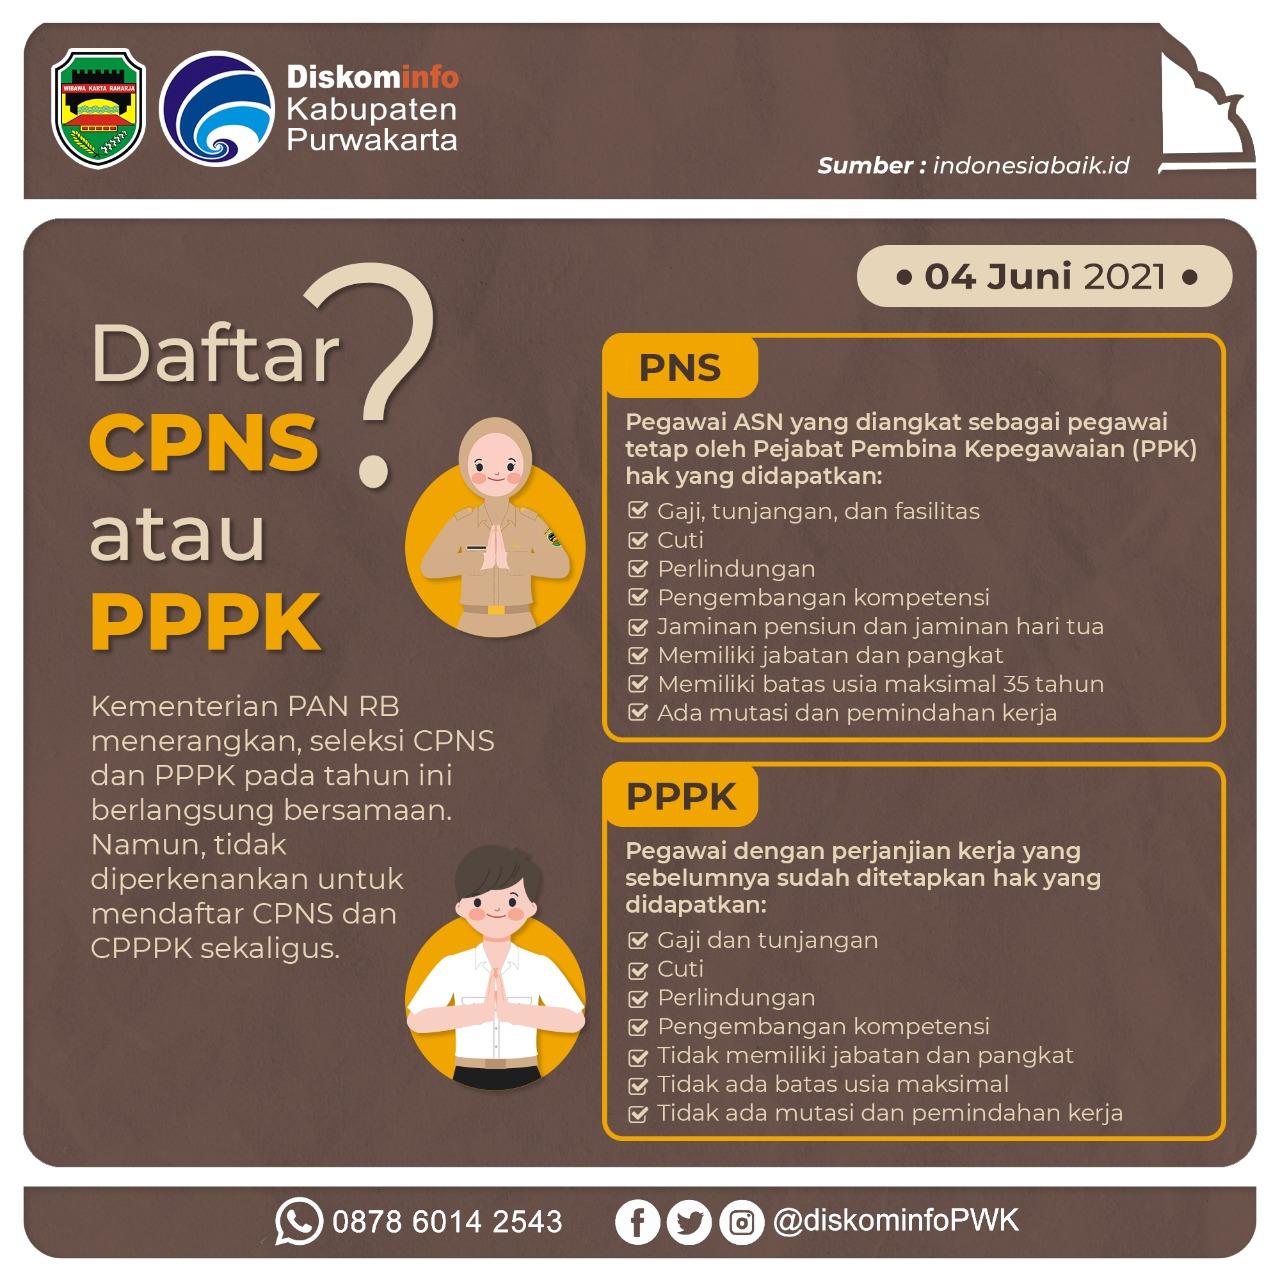 Daftar CPNS atau PPPK?